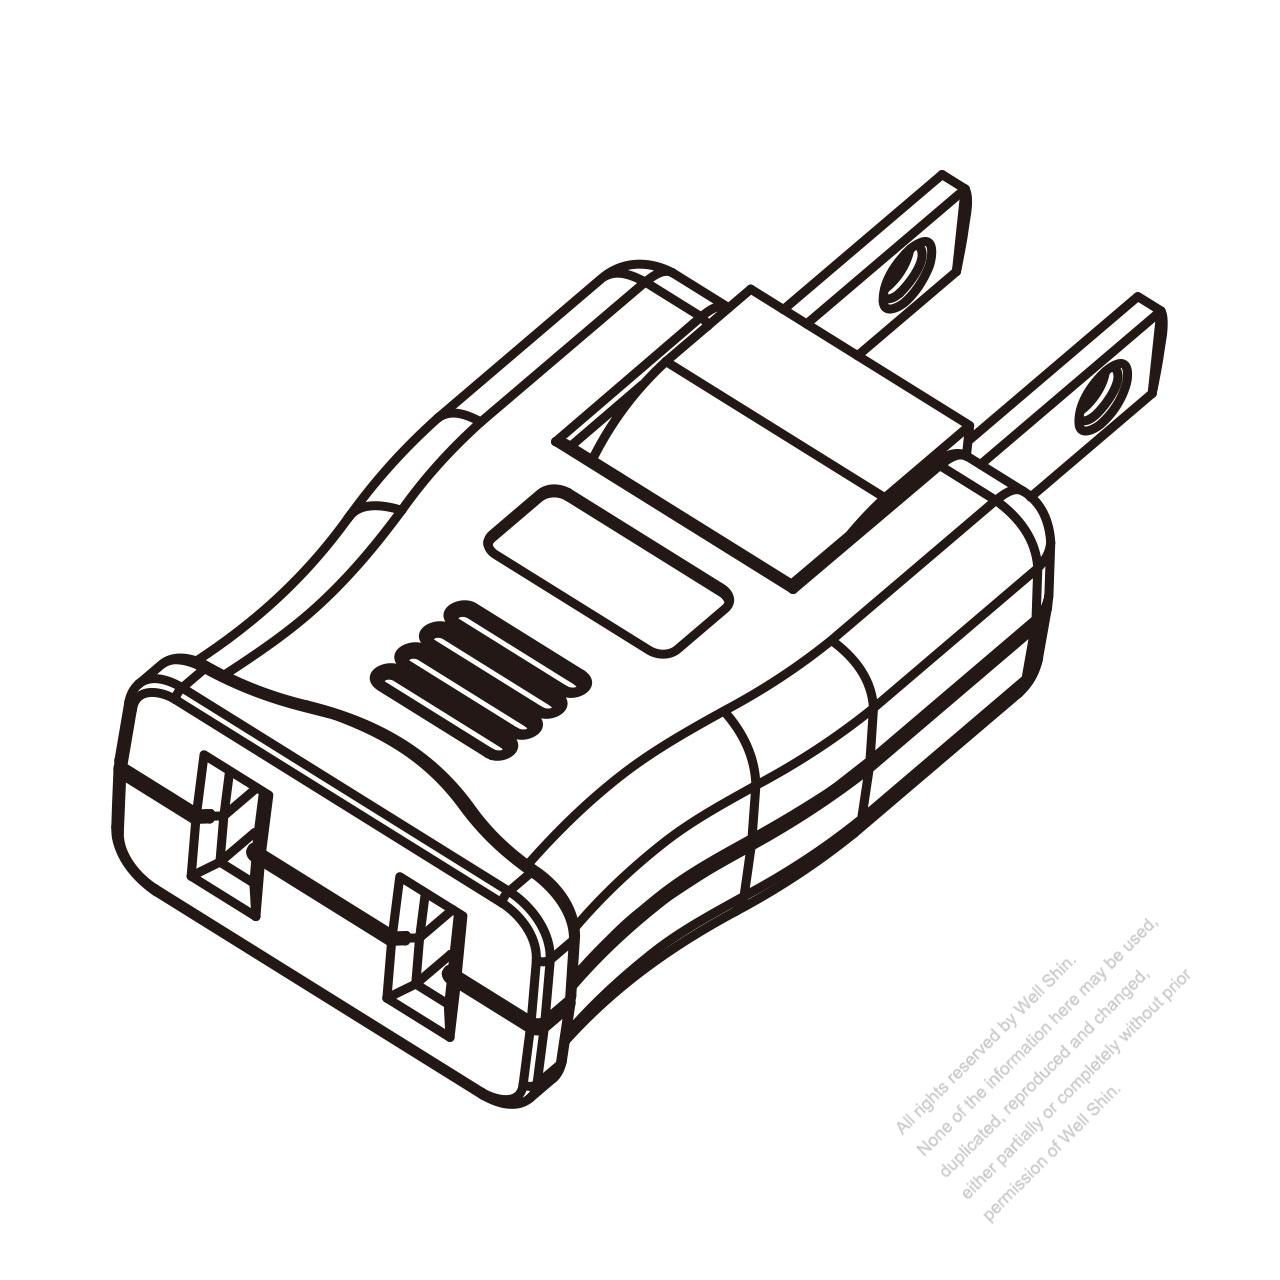 Adapter Plug Us Nema 1 15p Plug To 1 15r Connector 180o Rotatable Pin 2 To 2 Pin